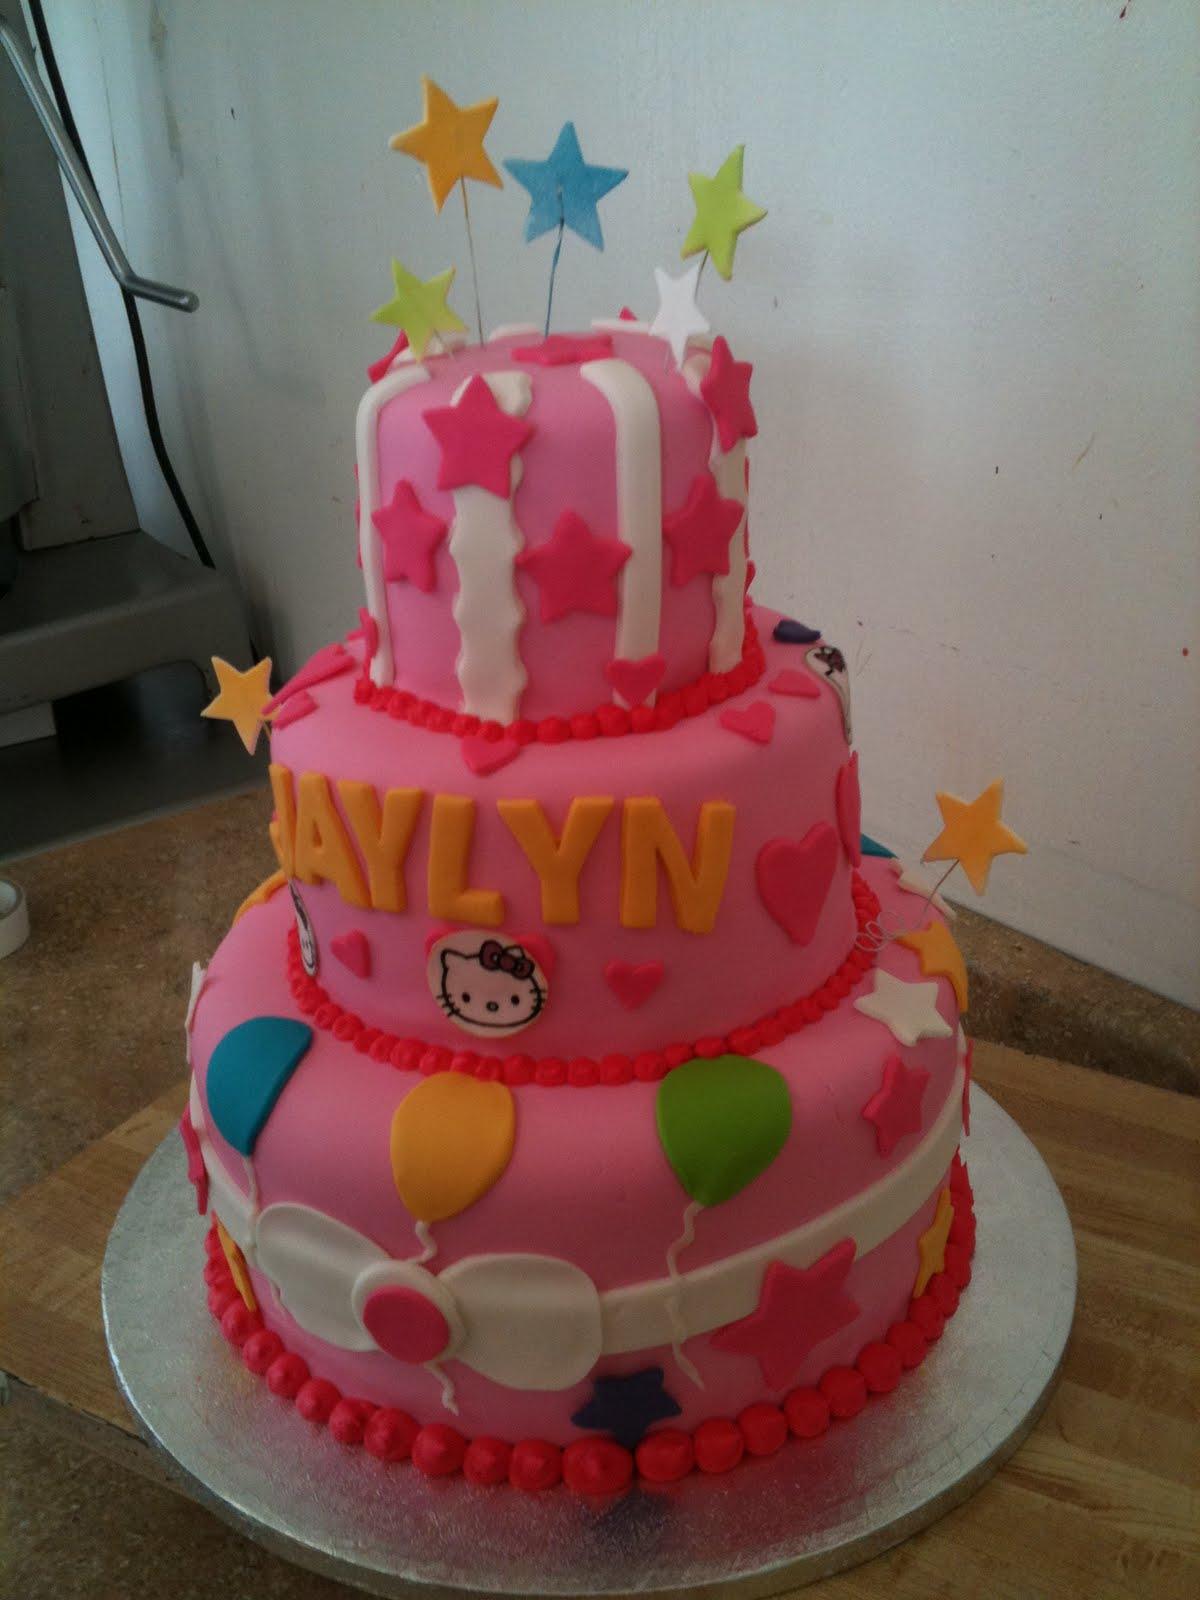 Hectors Custom Cakes: 3 tier hello kitty party